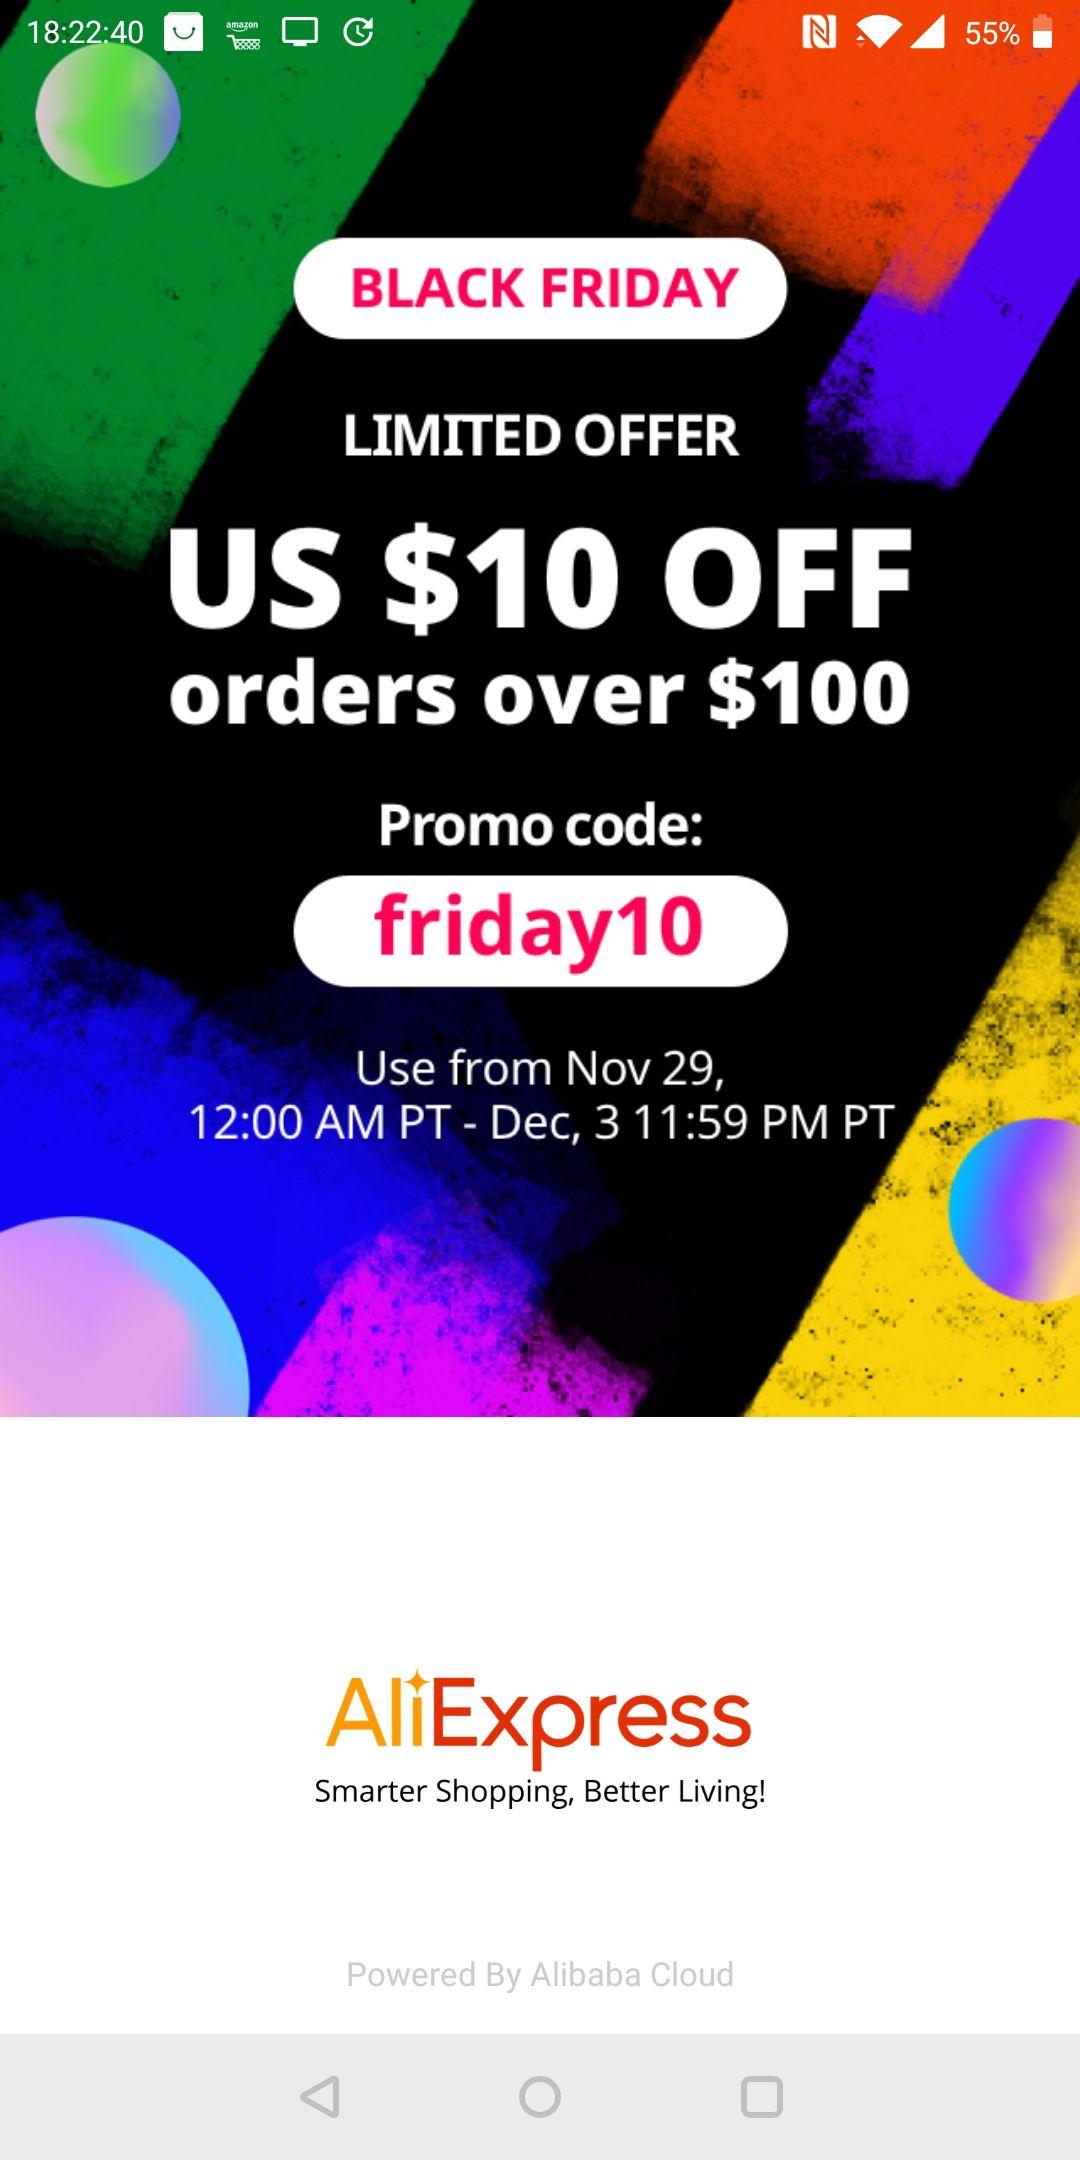 $10 (€8,85) korting bij aankoop van $100 bij AliExpress. Te combineren met andere kortingen!